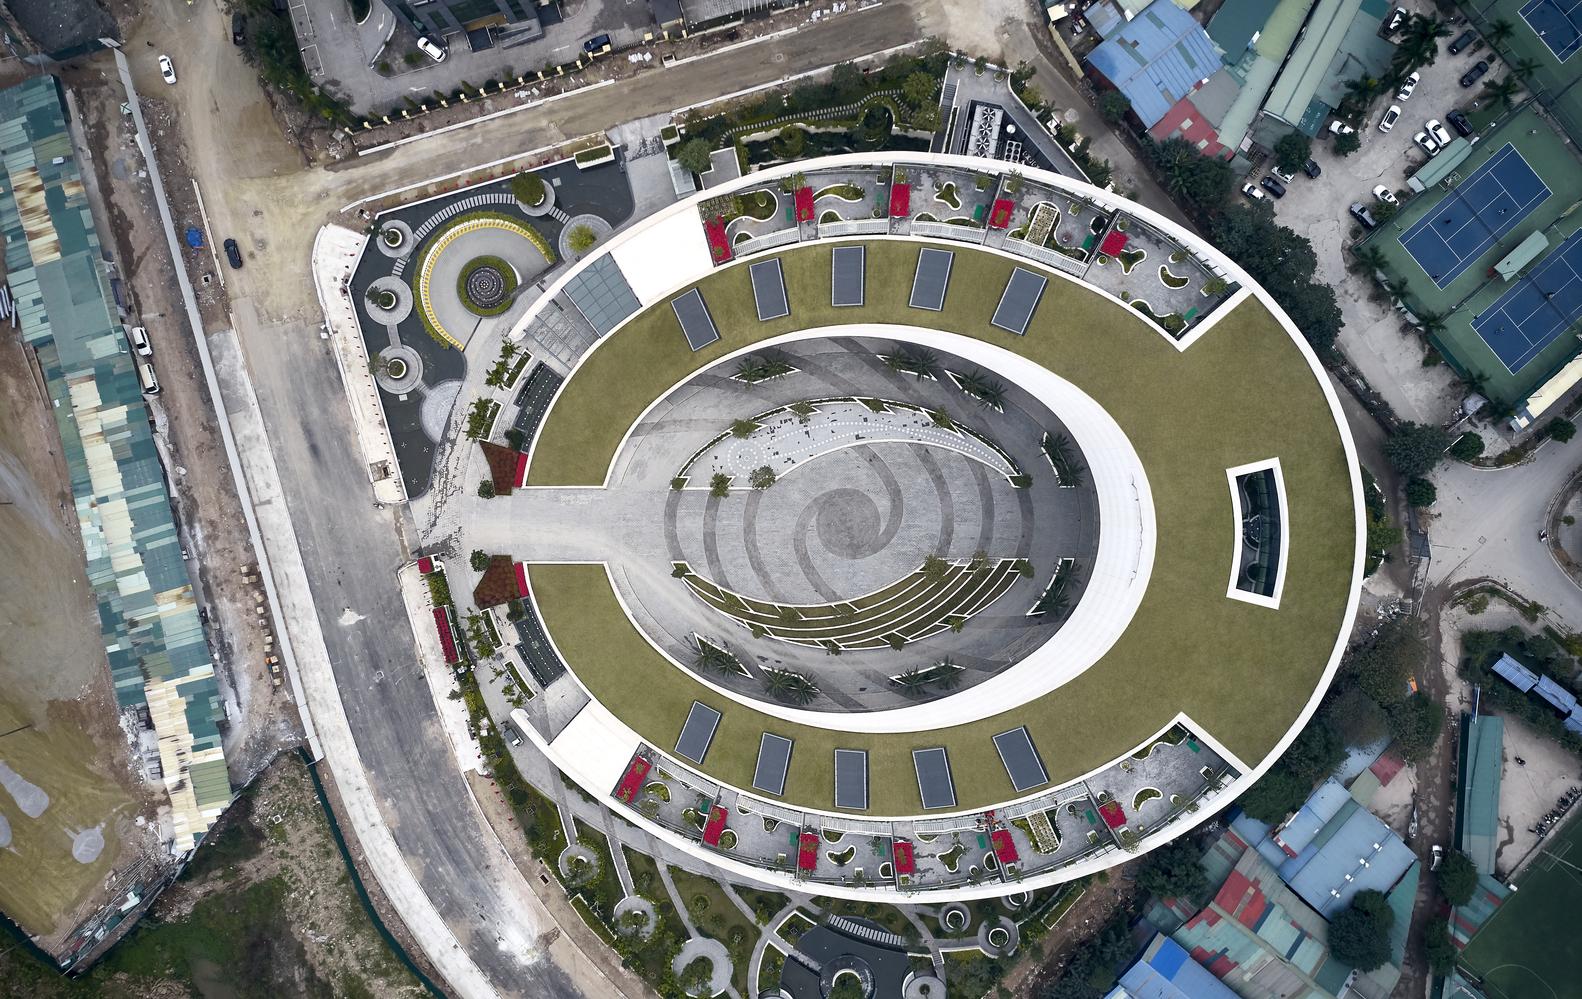 phối cảnh tổng thể kiến trúc trụ sở chính của Viettel nhìn từ trên cao